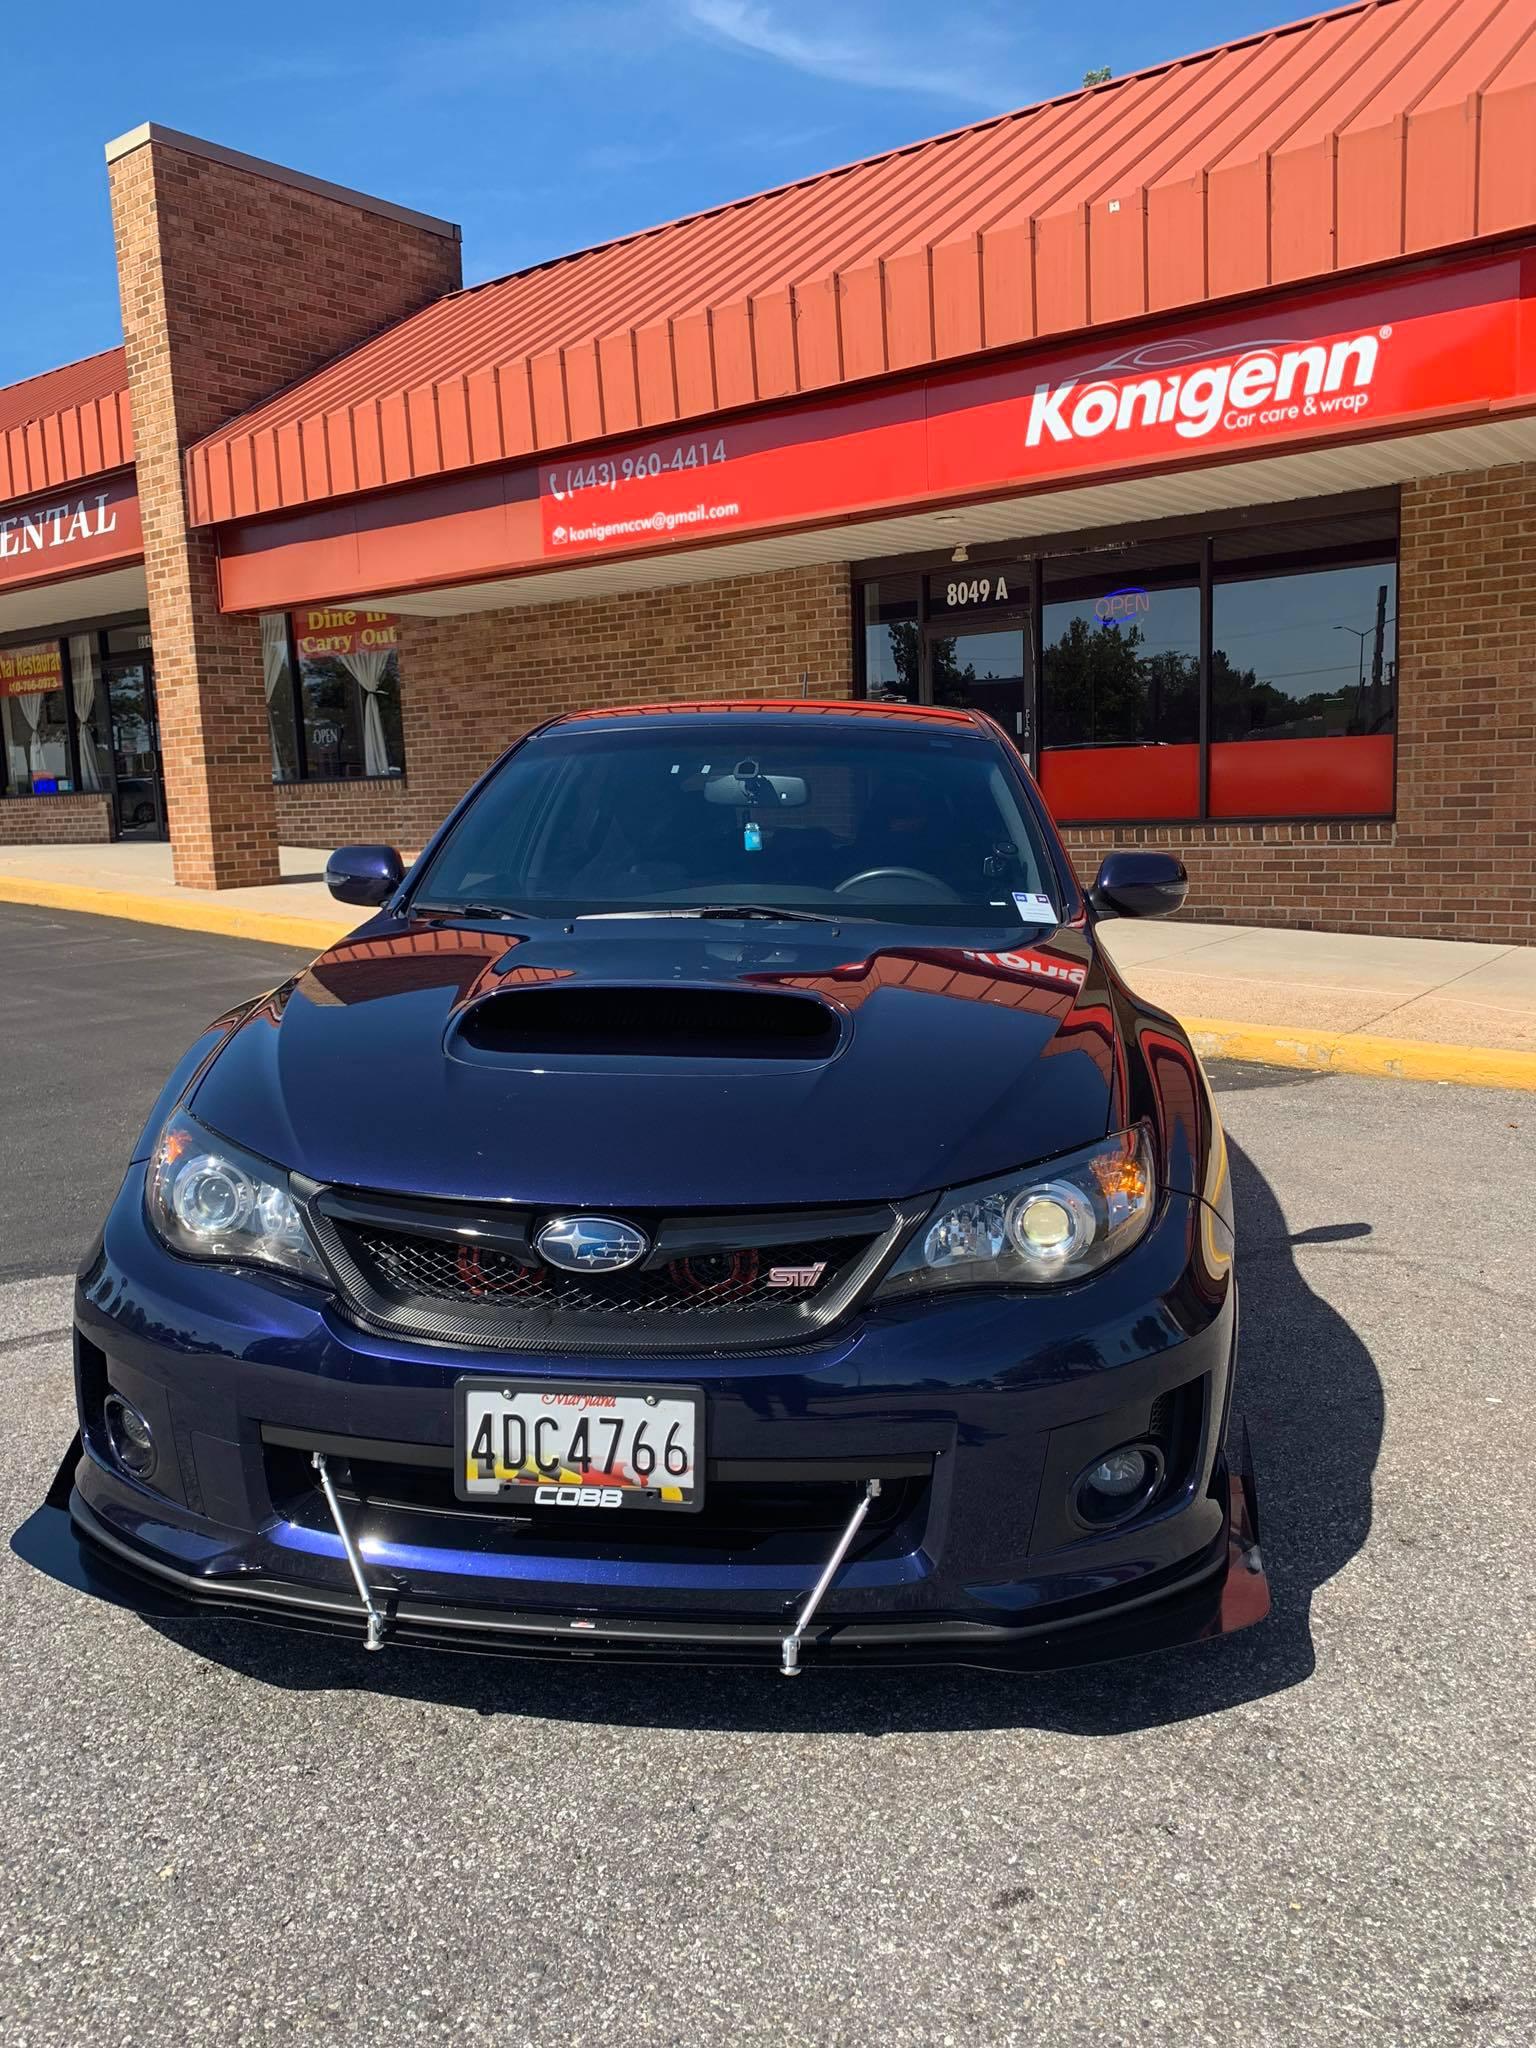 Konigenn | Car Care & Wraps